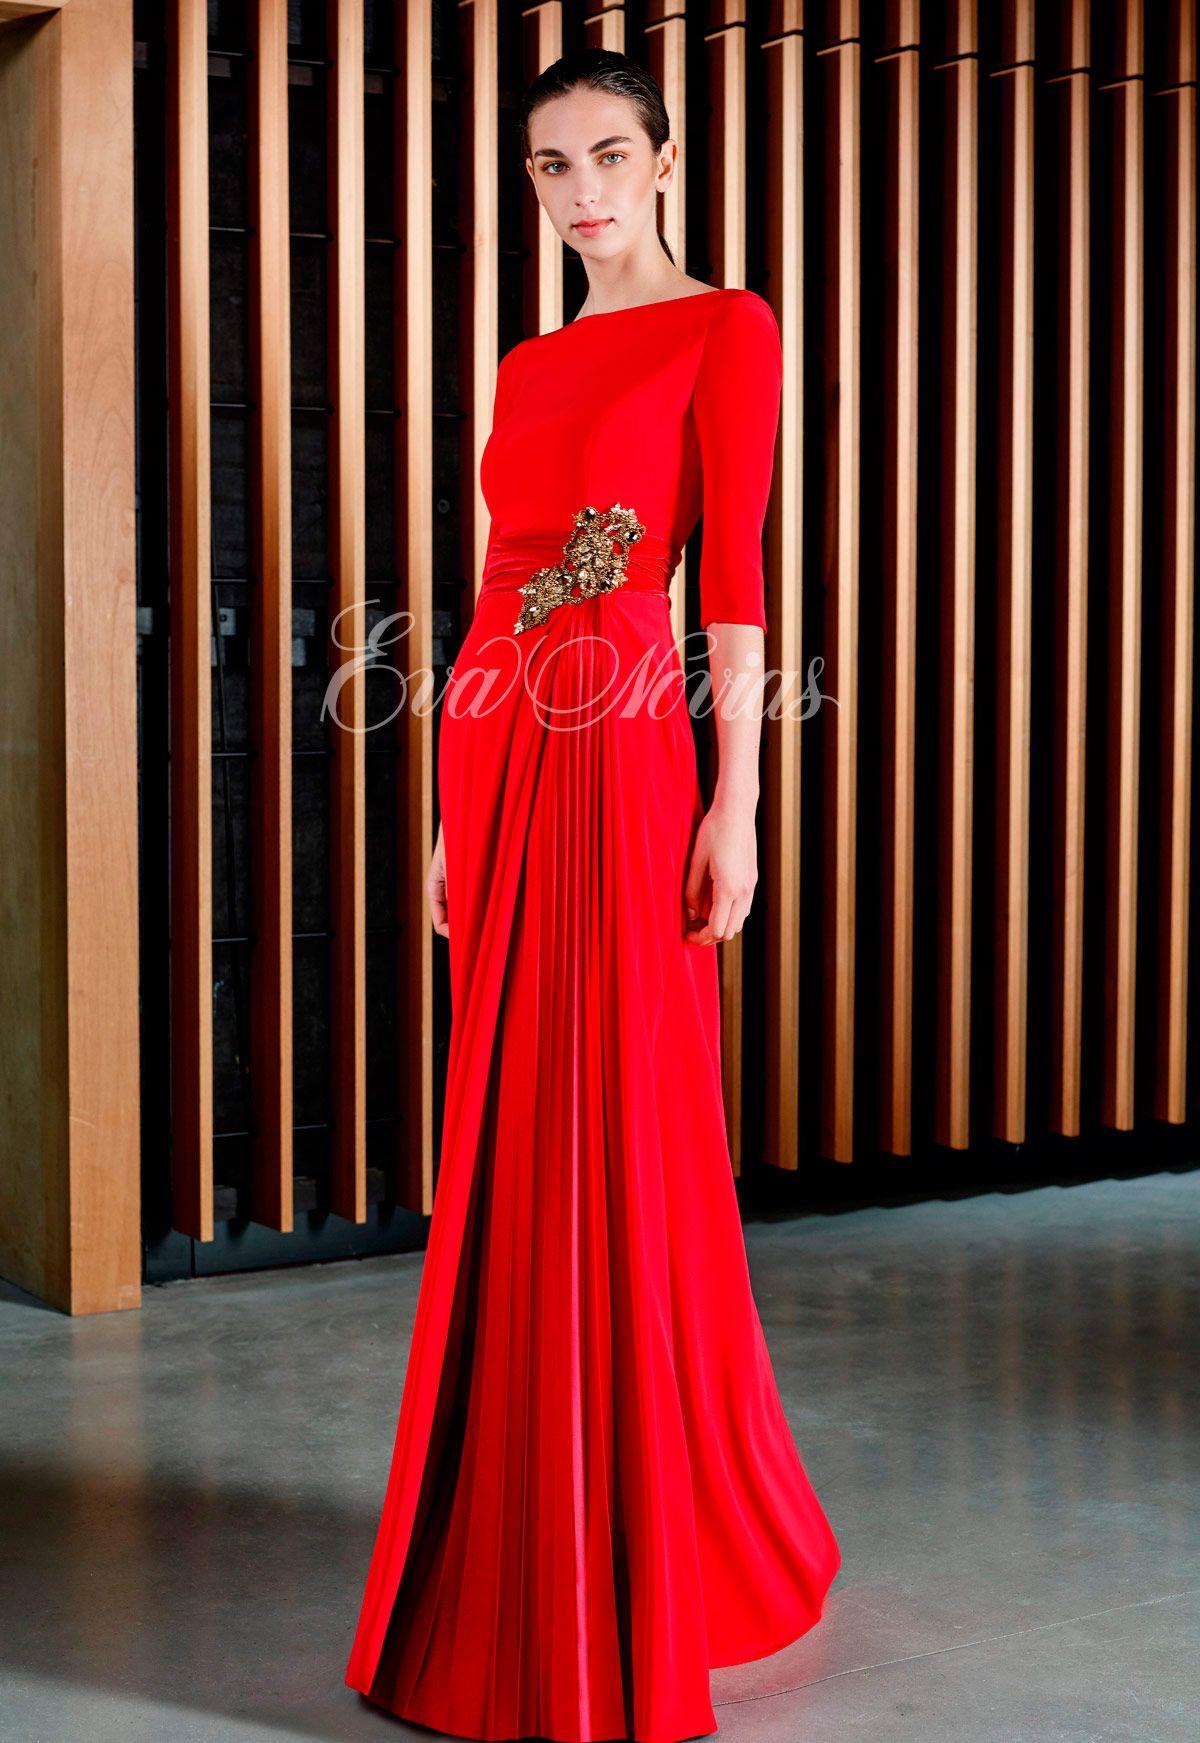 68725f3daa Tienda de vestidos de fiesta y madrina en Madrid de la firma Patricia  Avendaño colección 2017 modelo 3063 en Eva Novias C  Goya. 84 T. 914359458